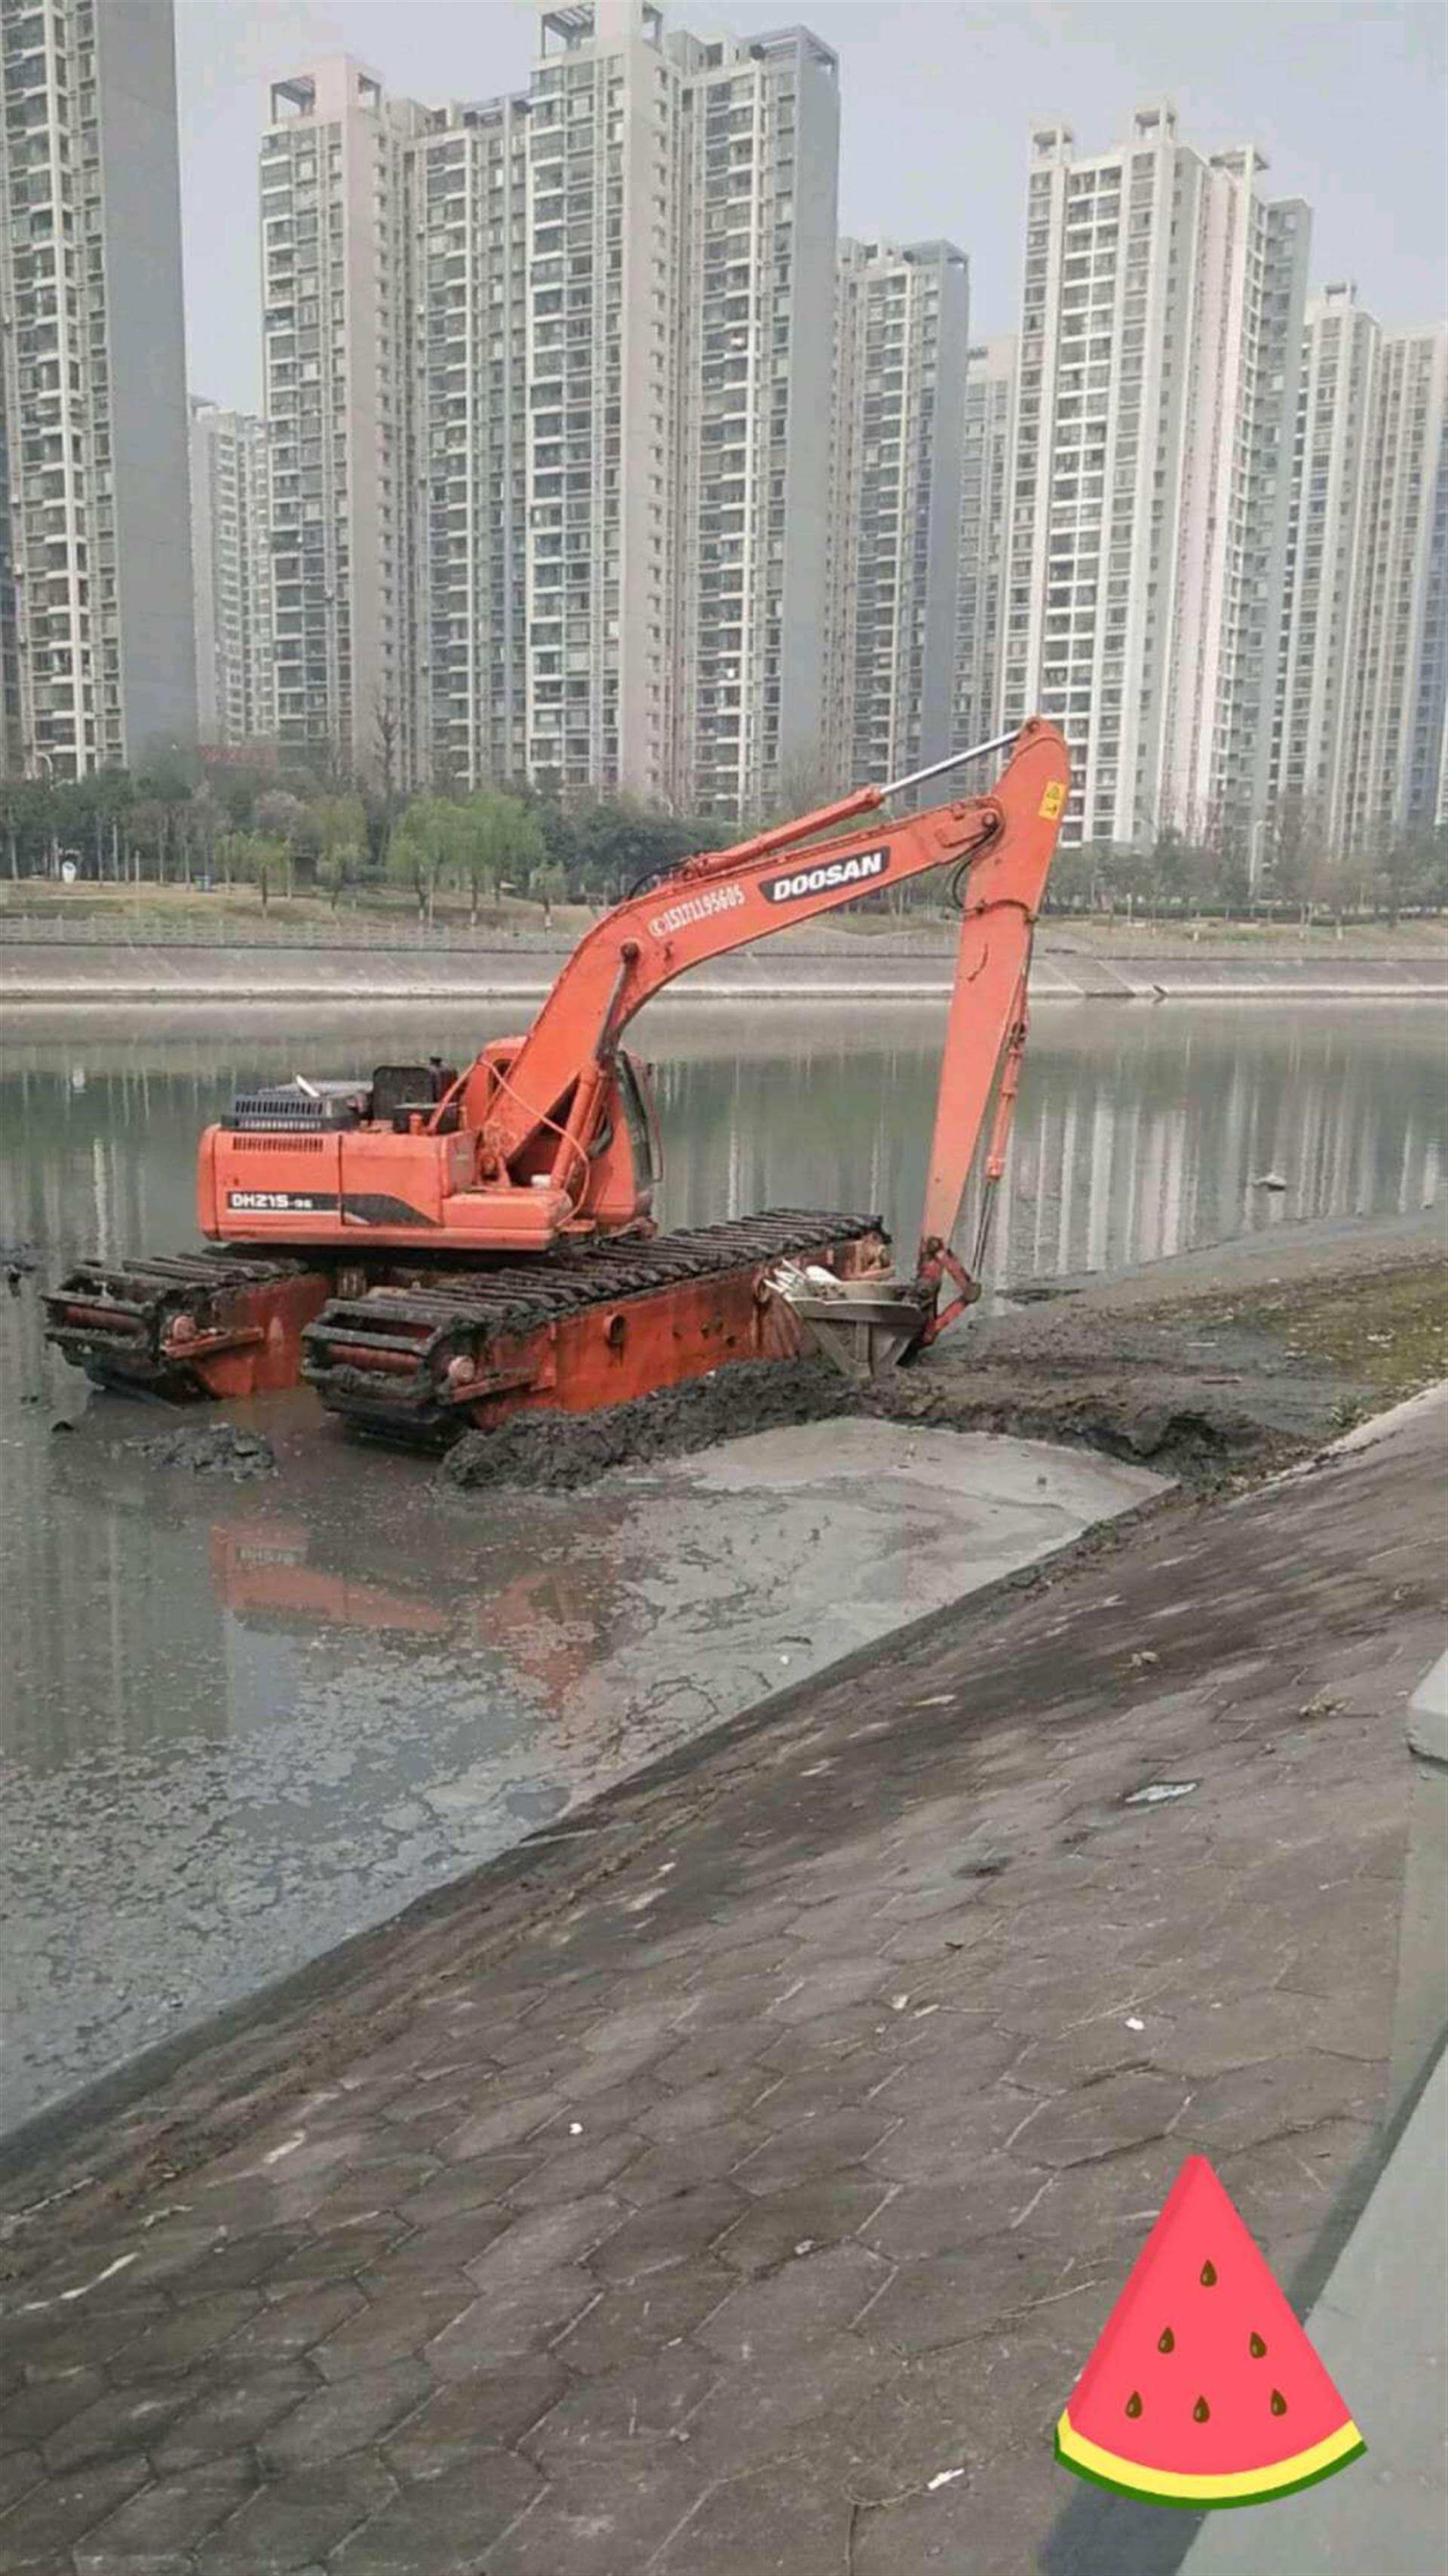 水陆挖掘机出租正规公司报价